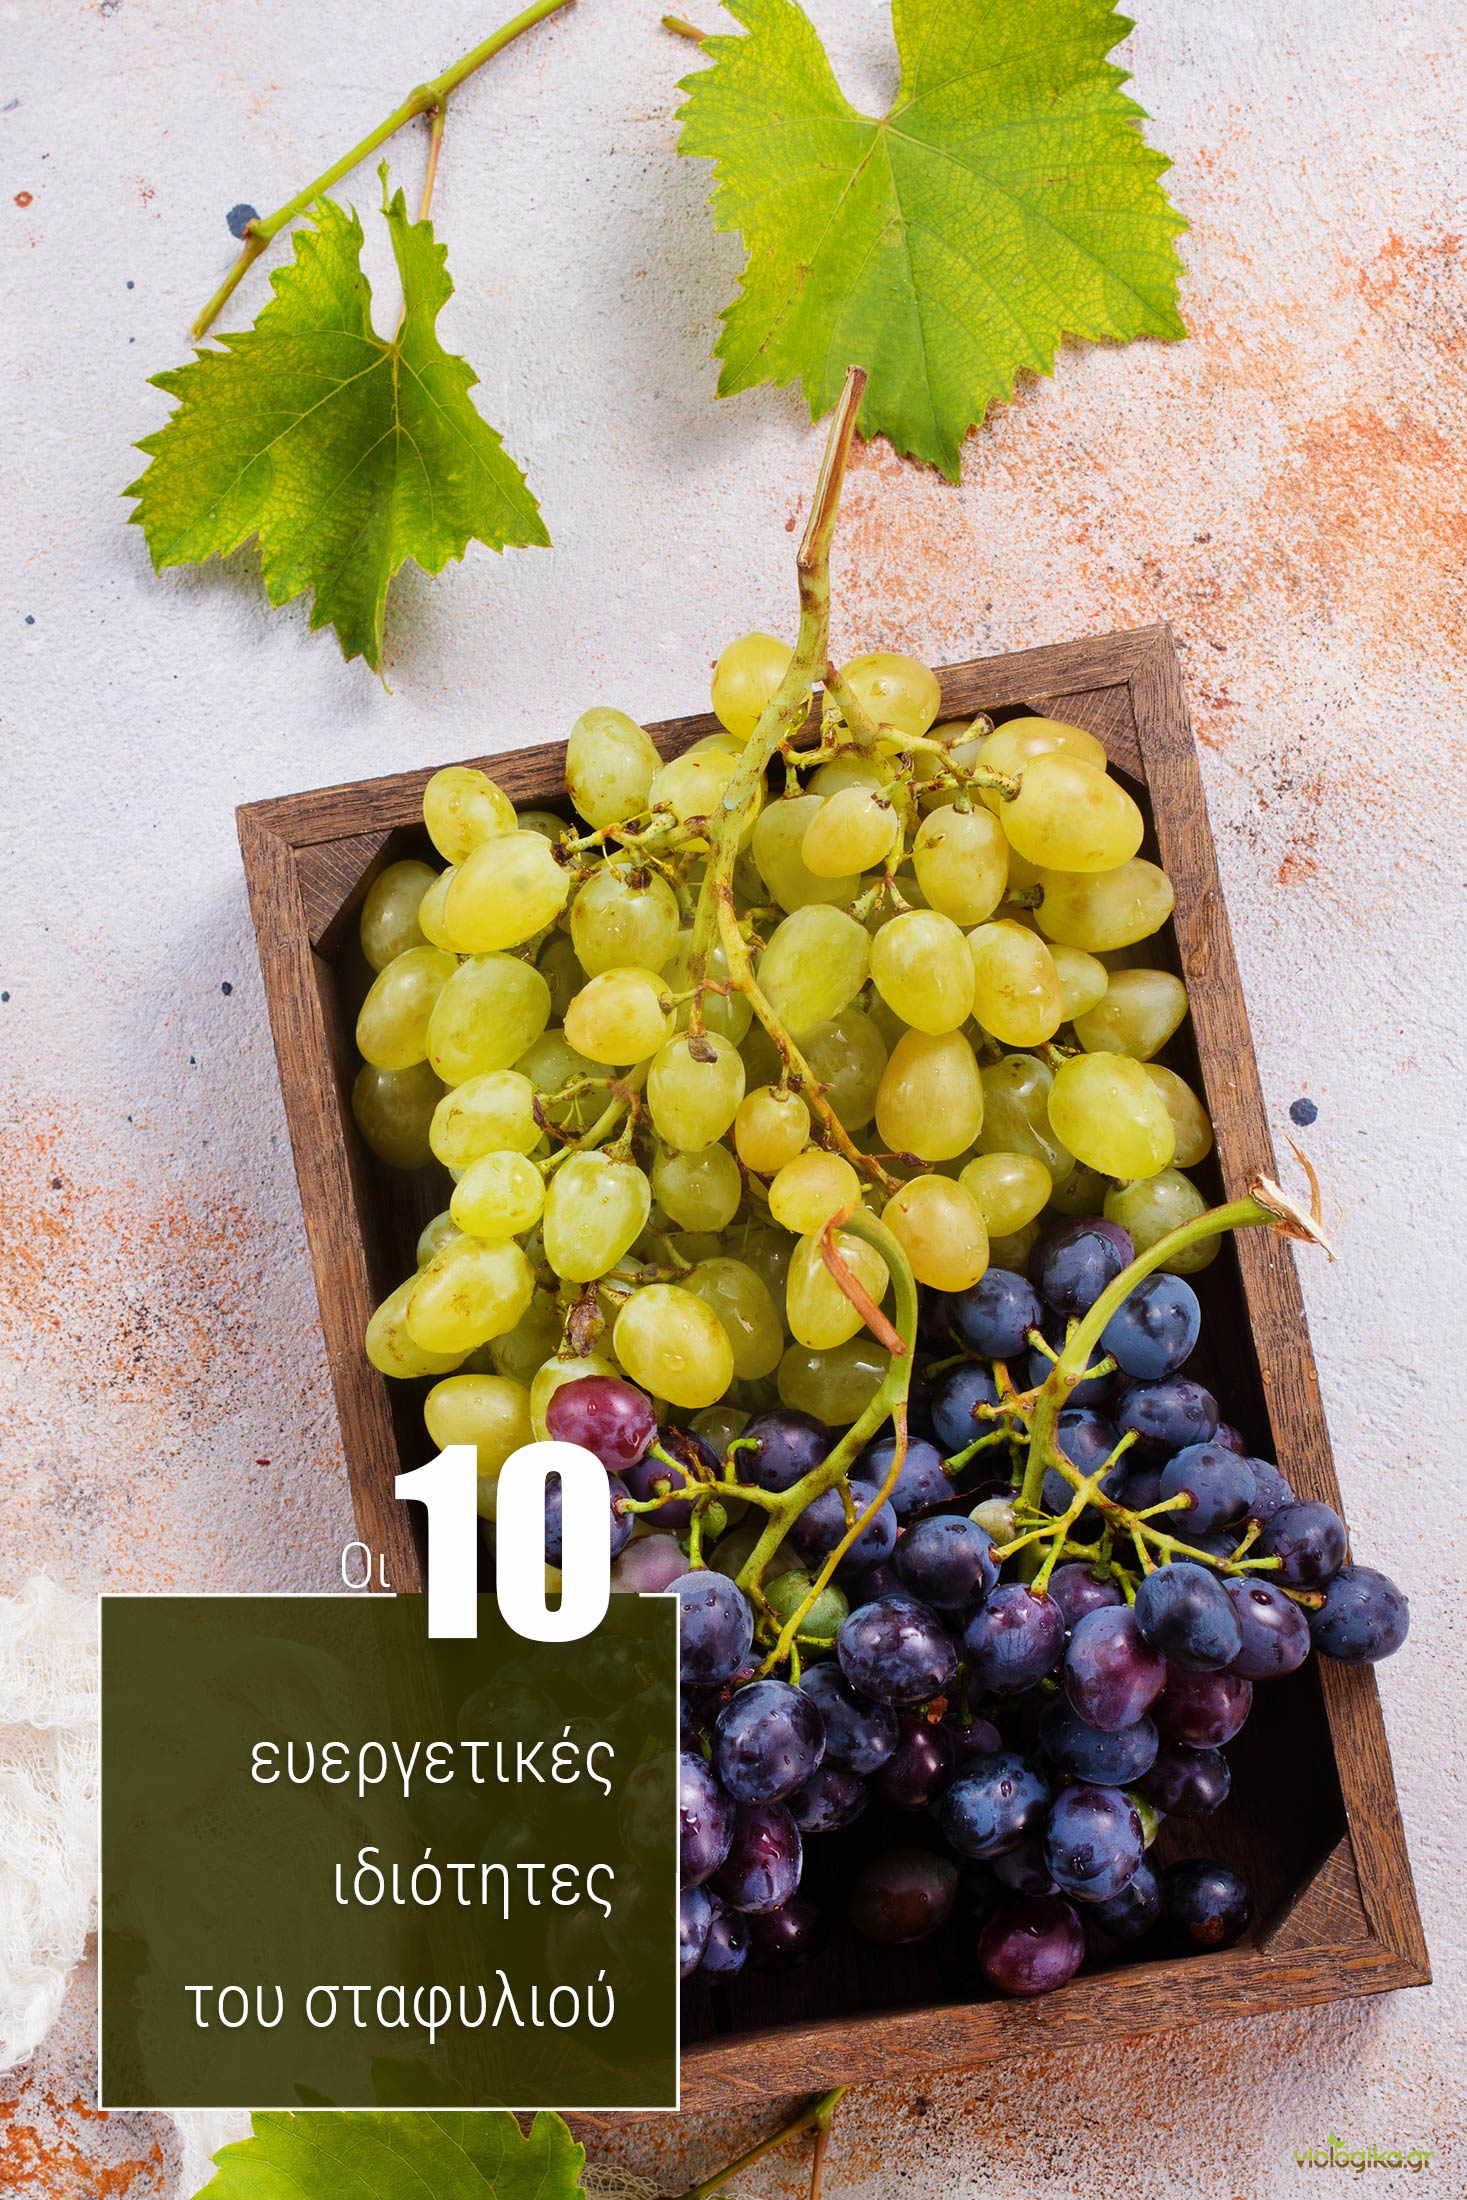 Οι 10 ευεργετικές ιδιότητες του σταφυλιού - Πώς να απολαύσετε το σταφύλι